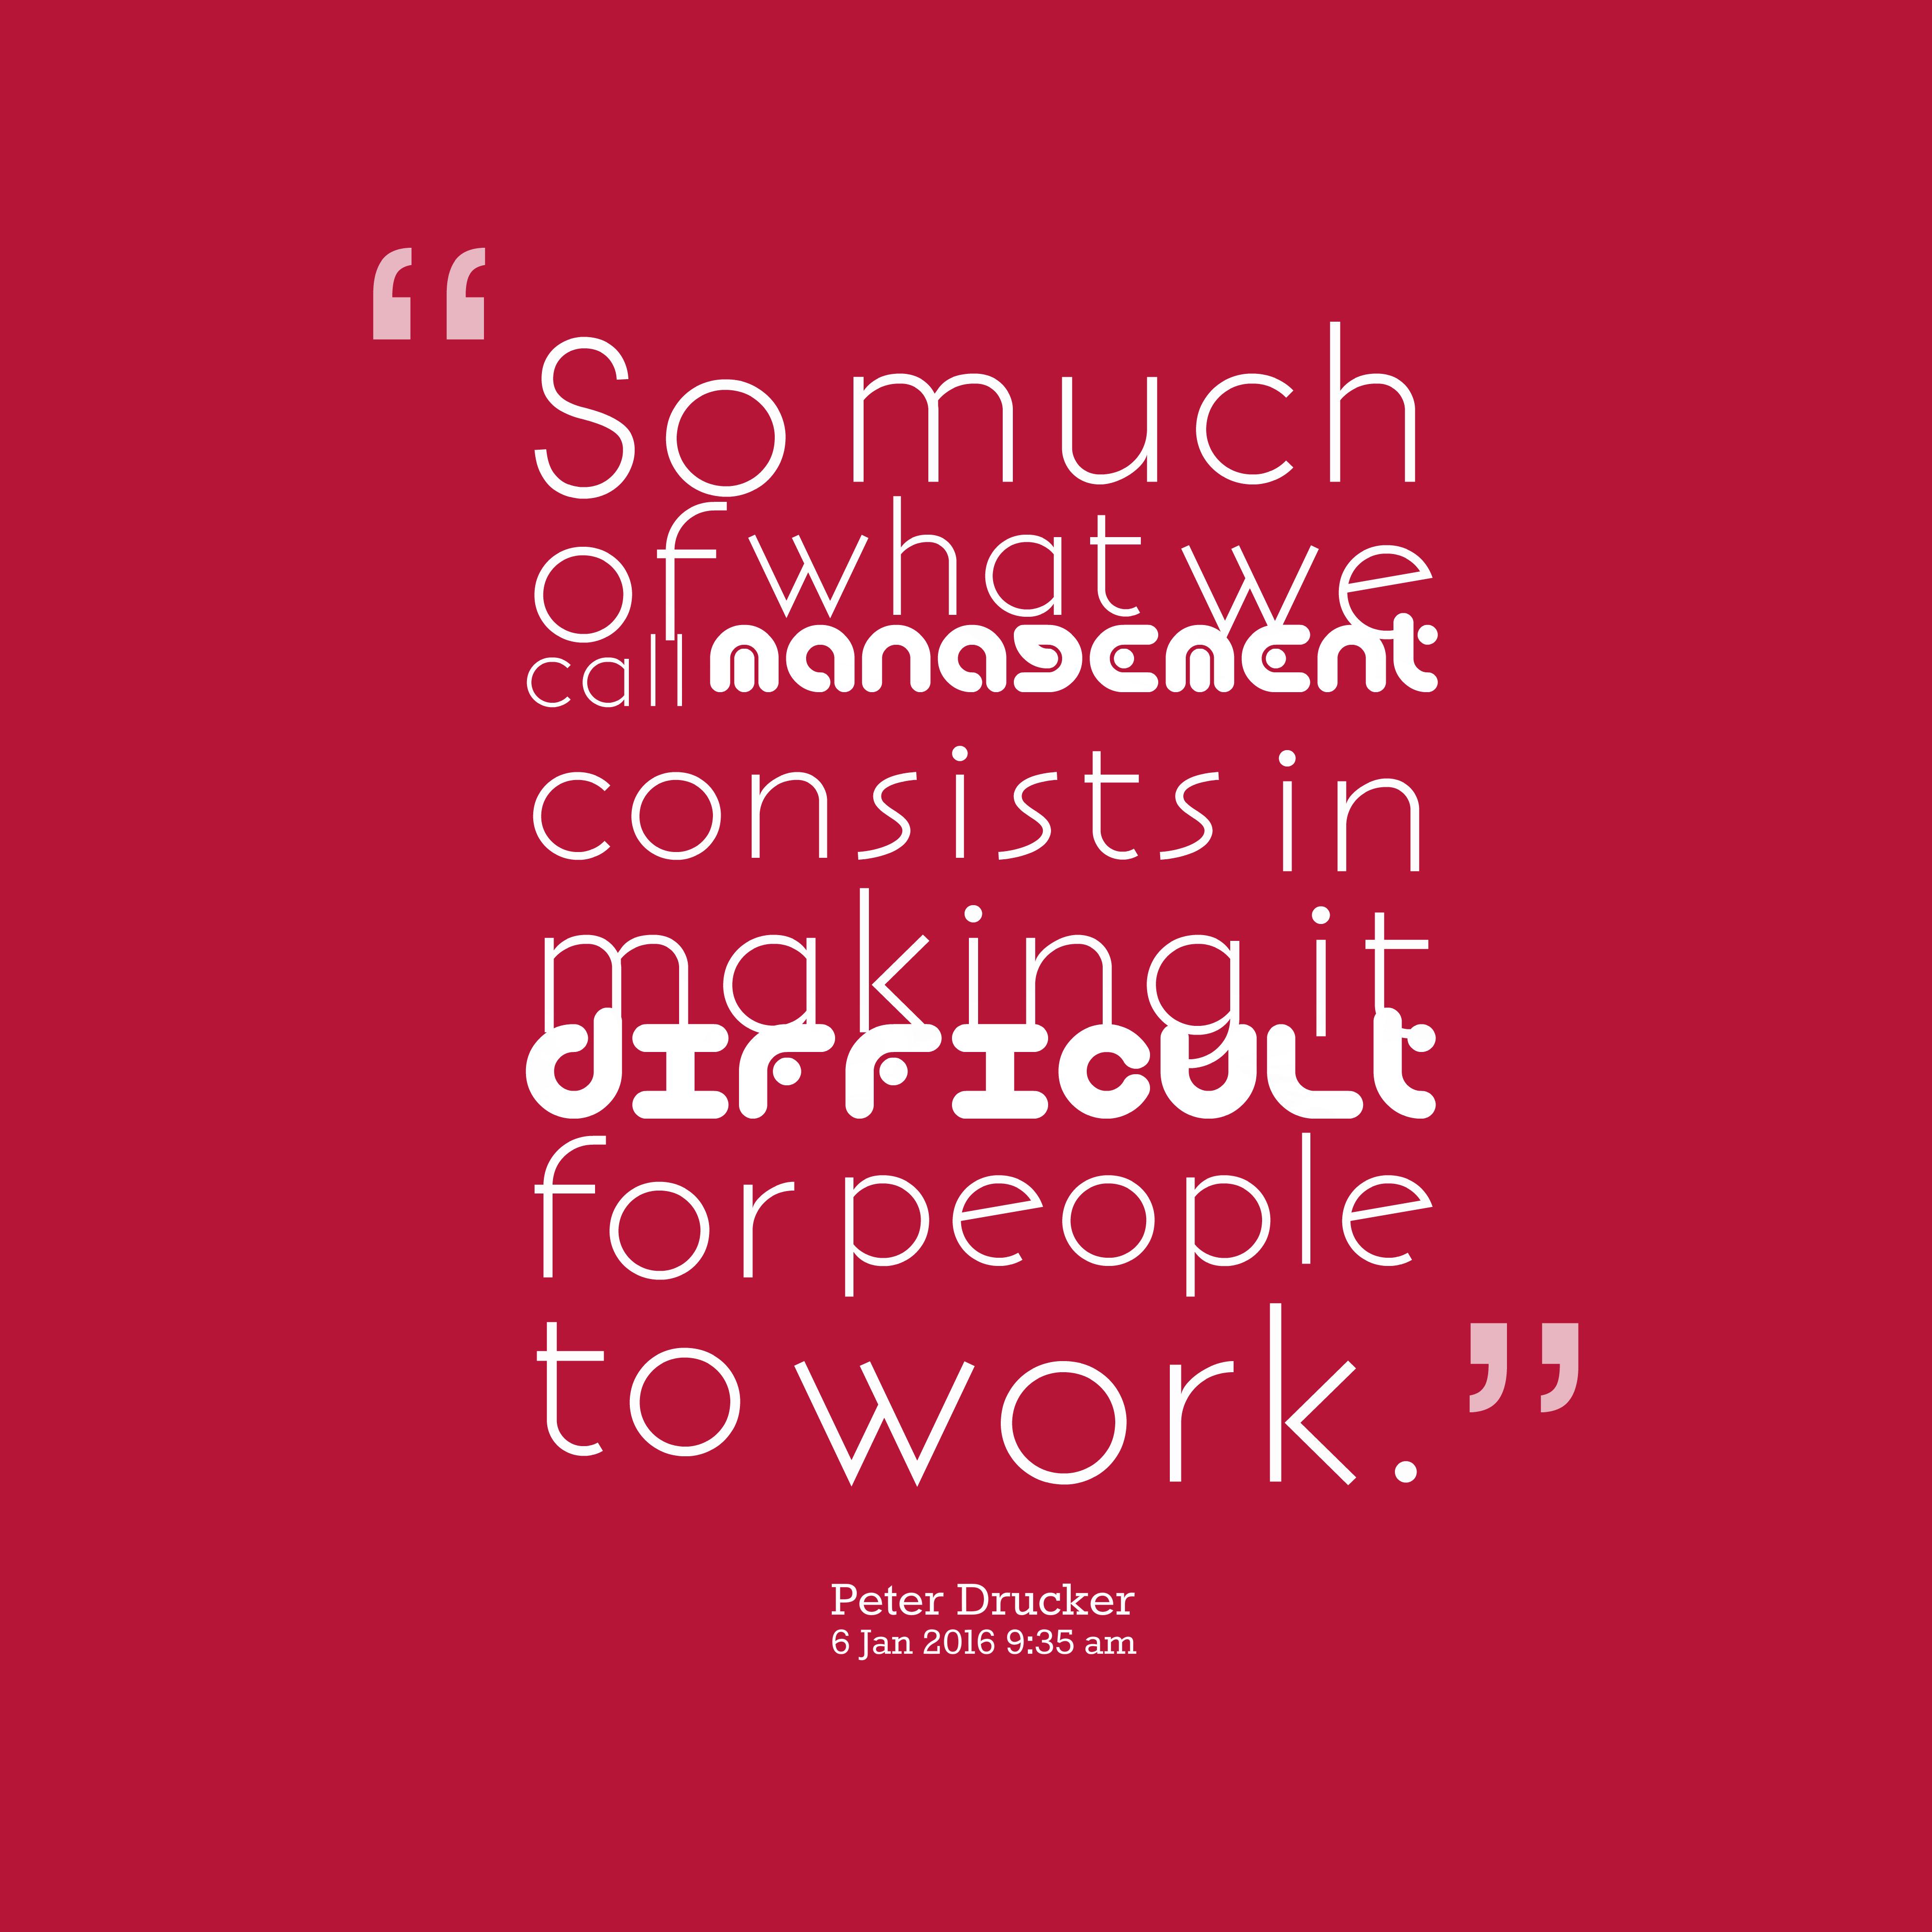 96 Best Peter Drucker Quotes Images